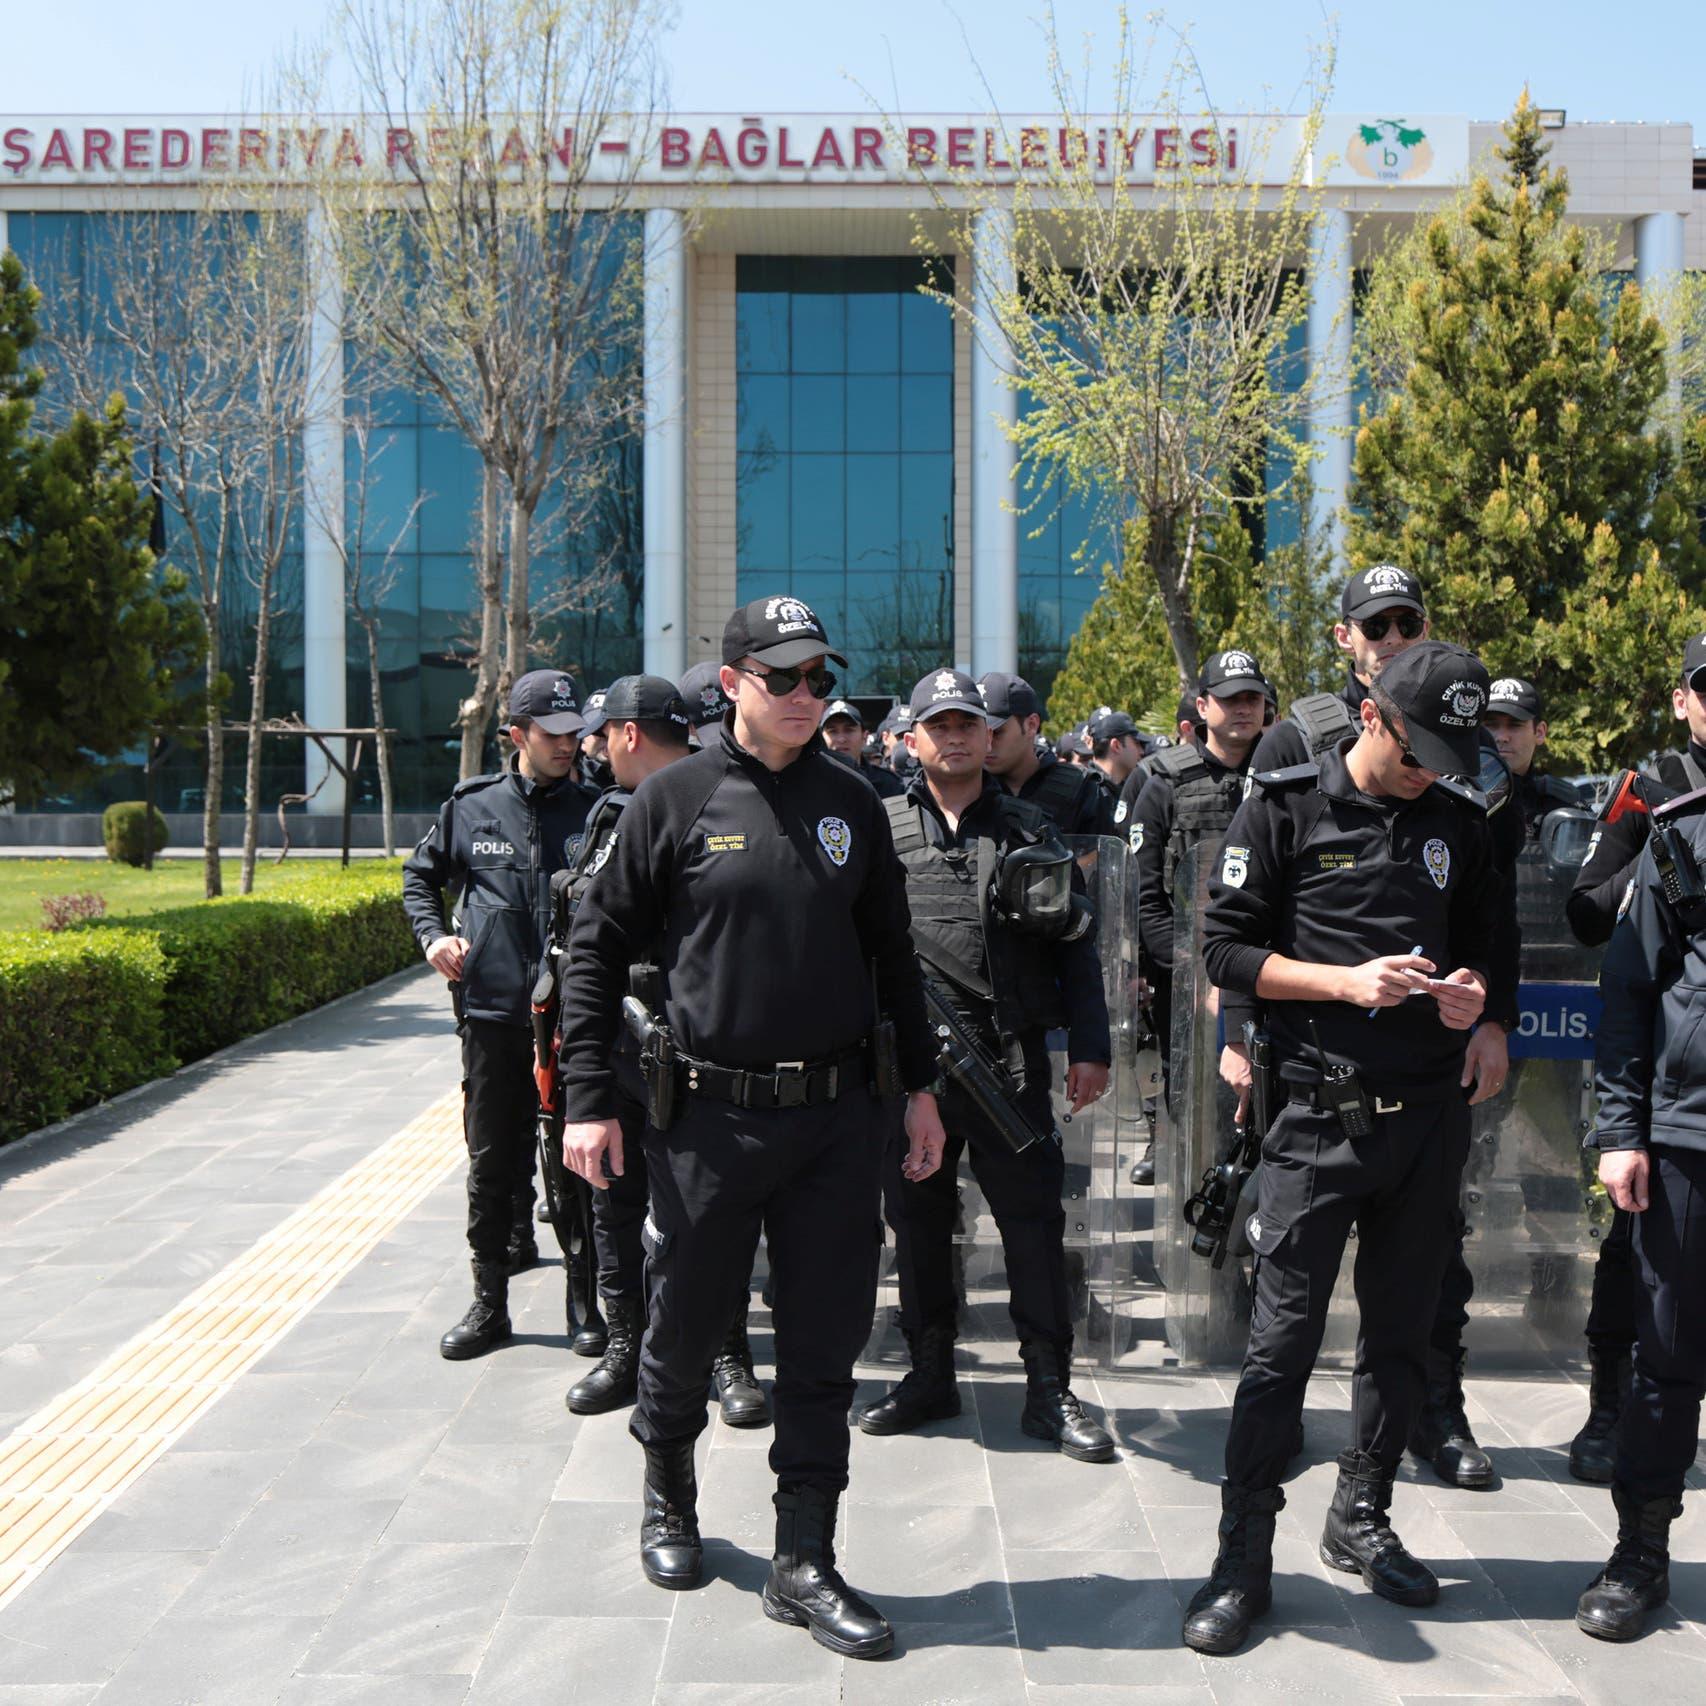 رويترز: تعرض 5 من موظفي الخارجية التركية للتعذيب بالحجز